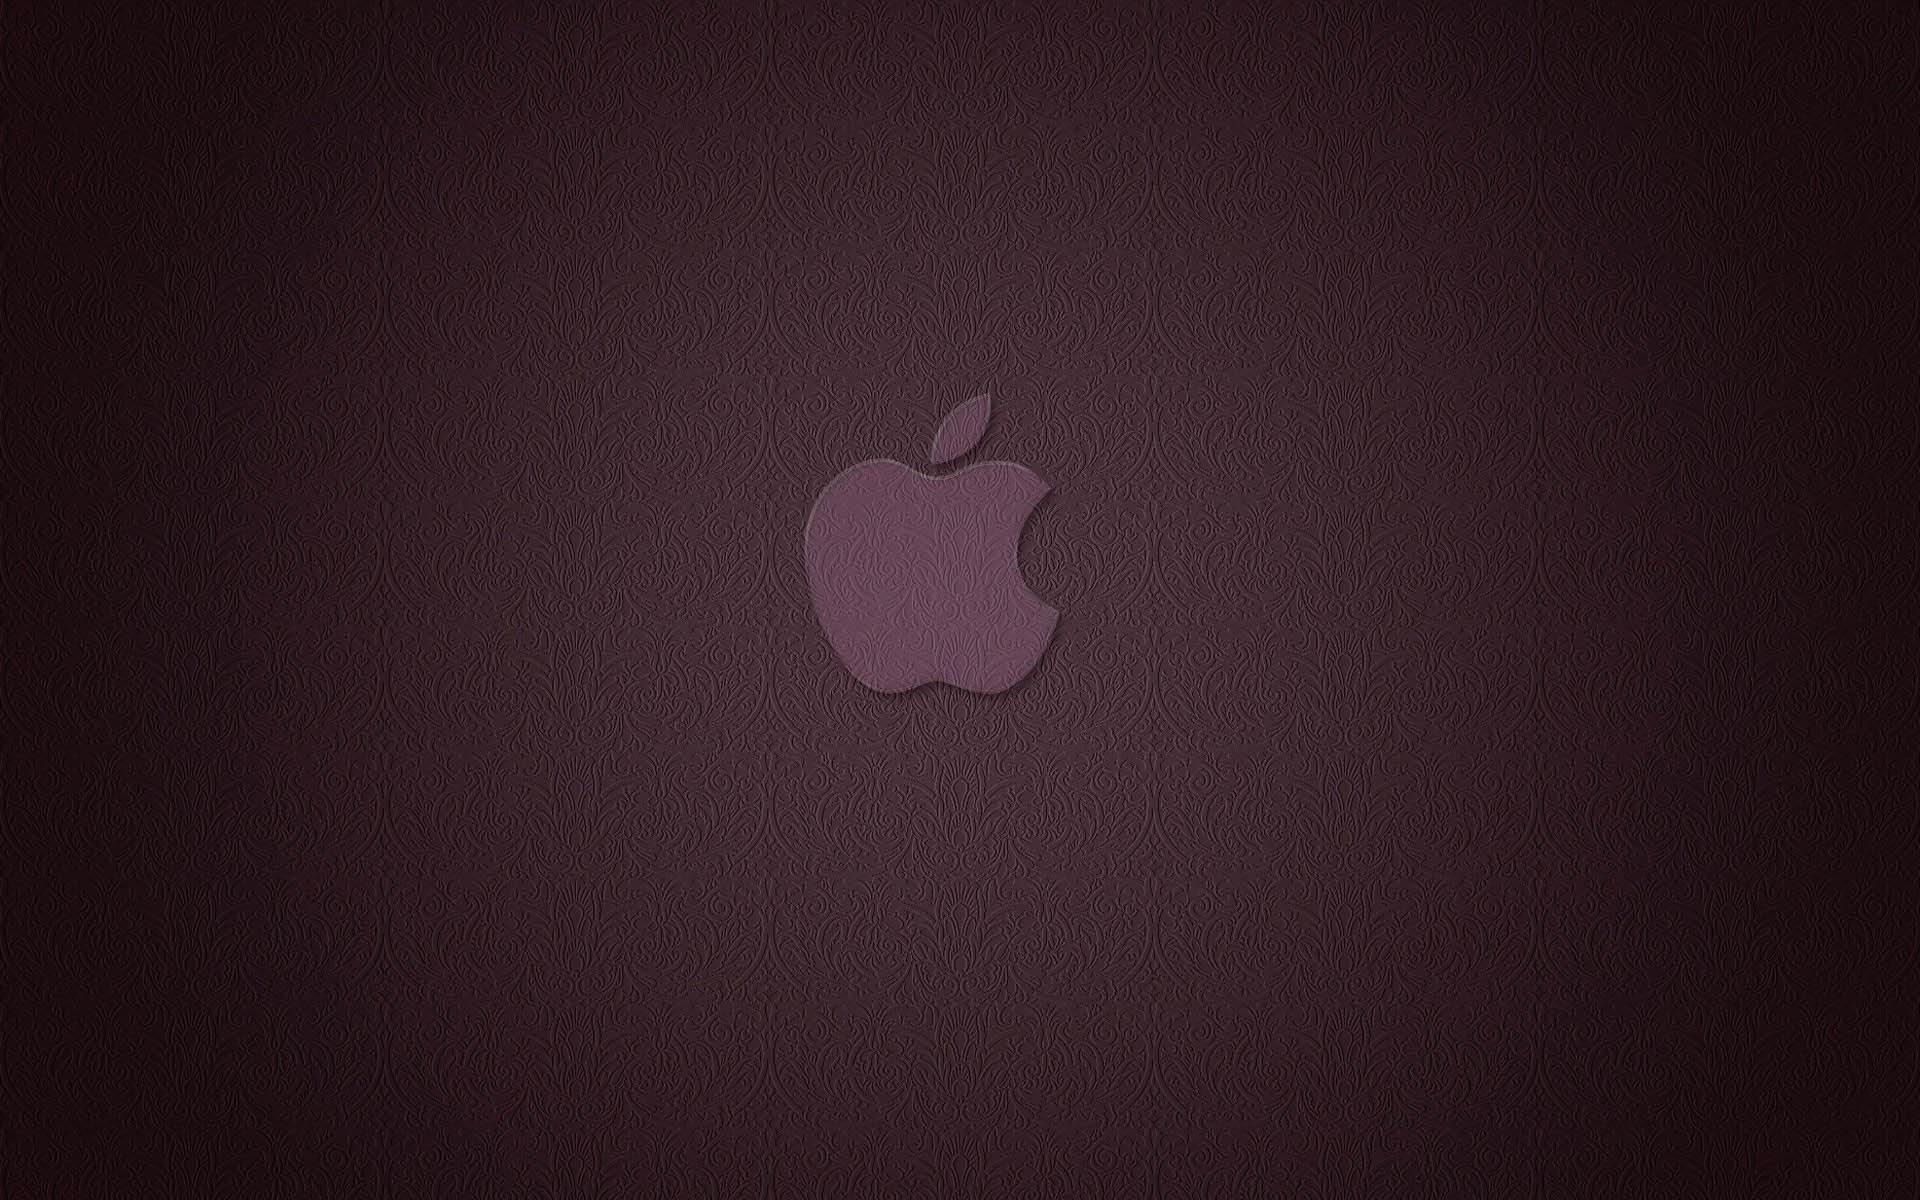 5124 Hintergrundbild herunterladen Apple-, Marken, Logos - Bildschirmschoner und Bilder kostenlos